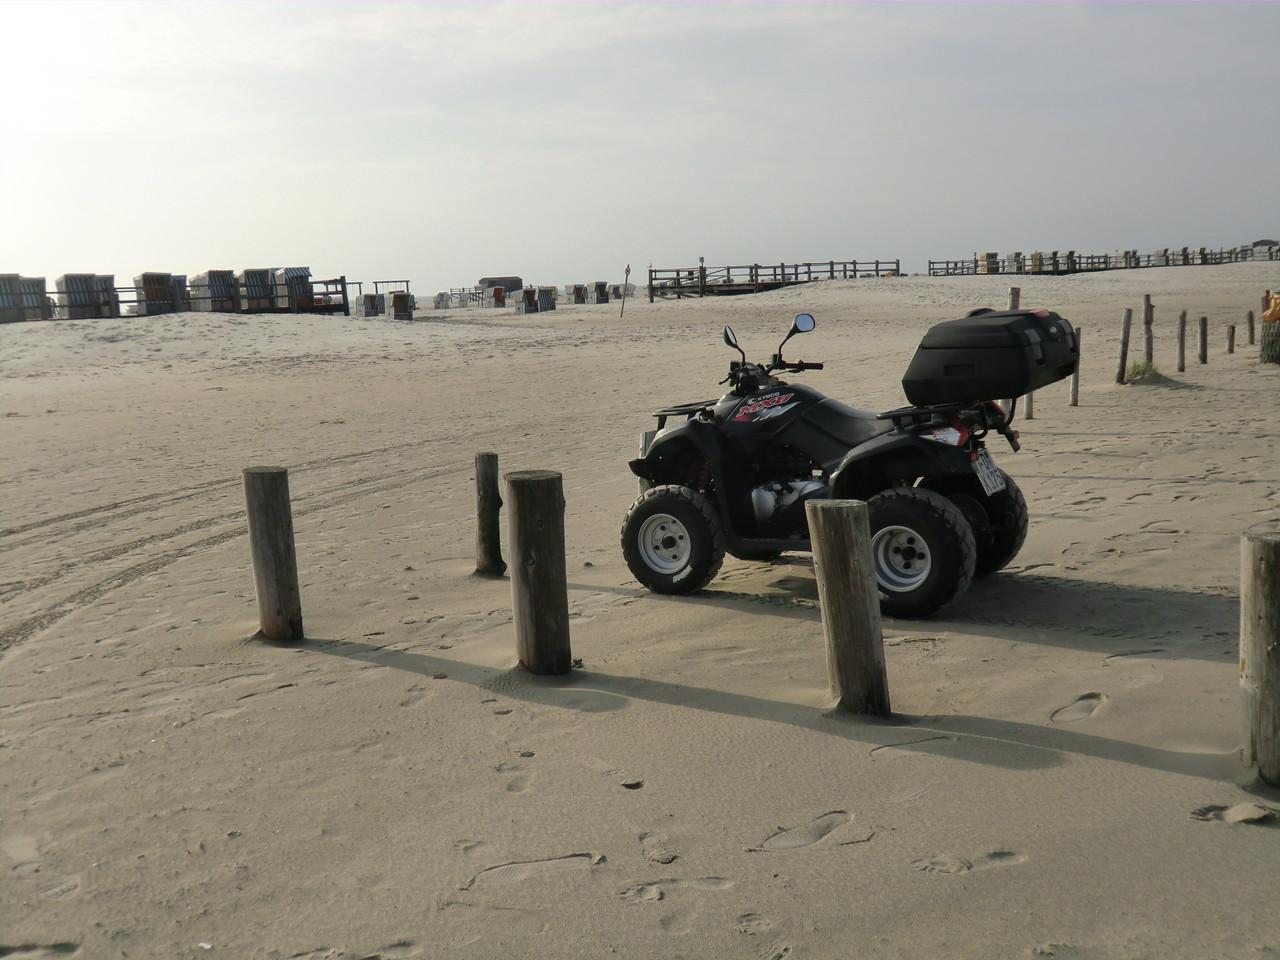 Am Strand der ideale fahrbare Untersatz